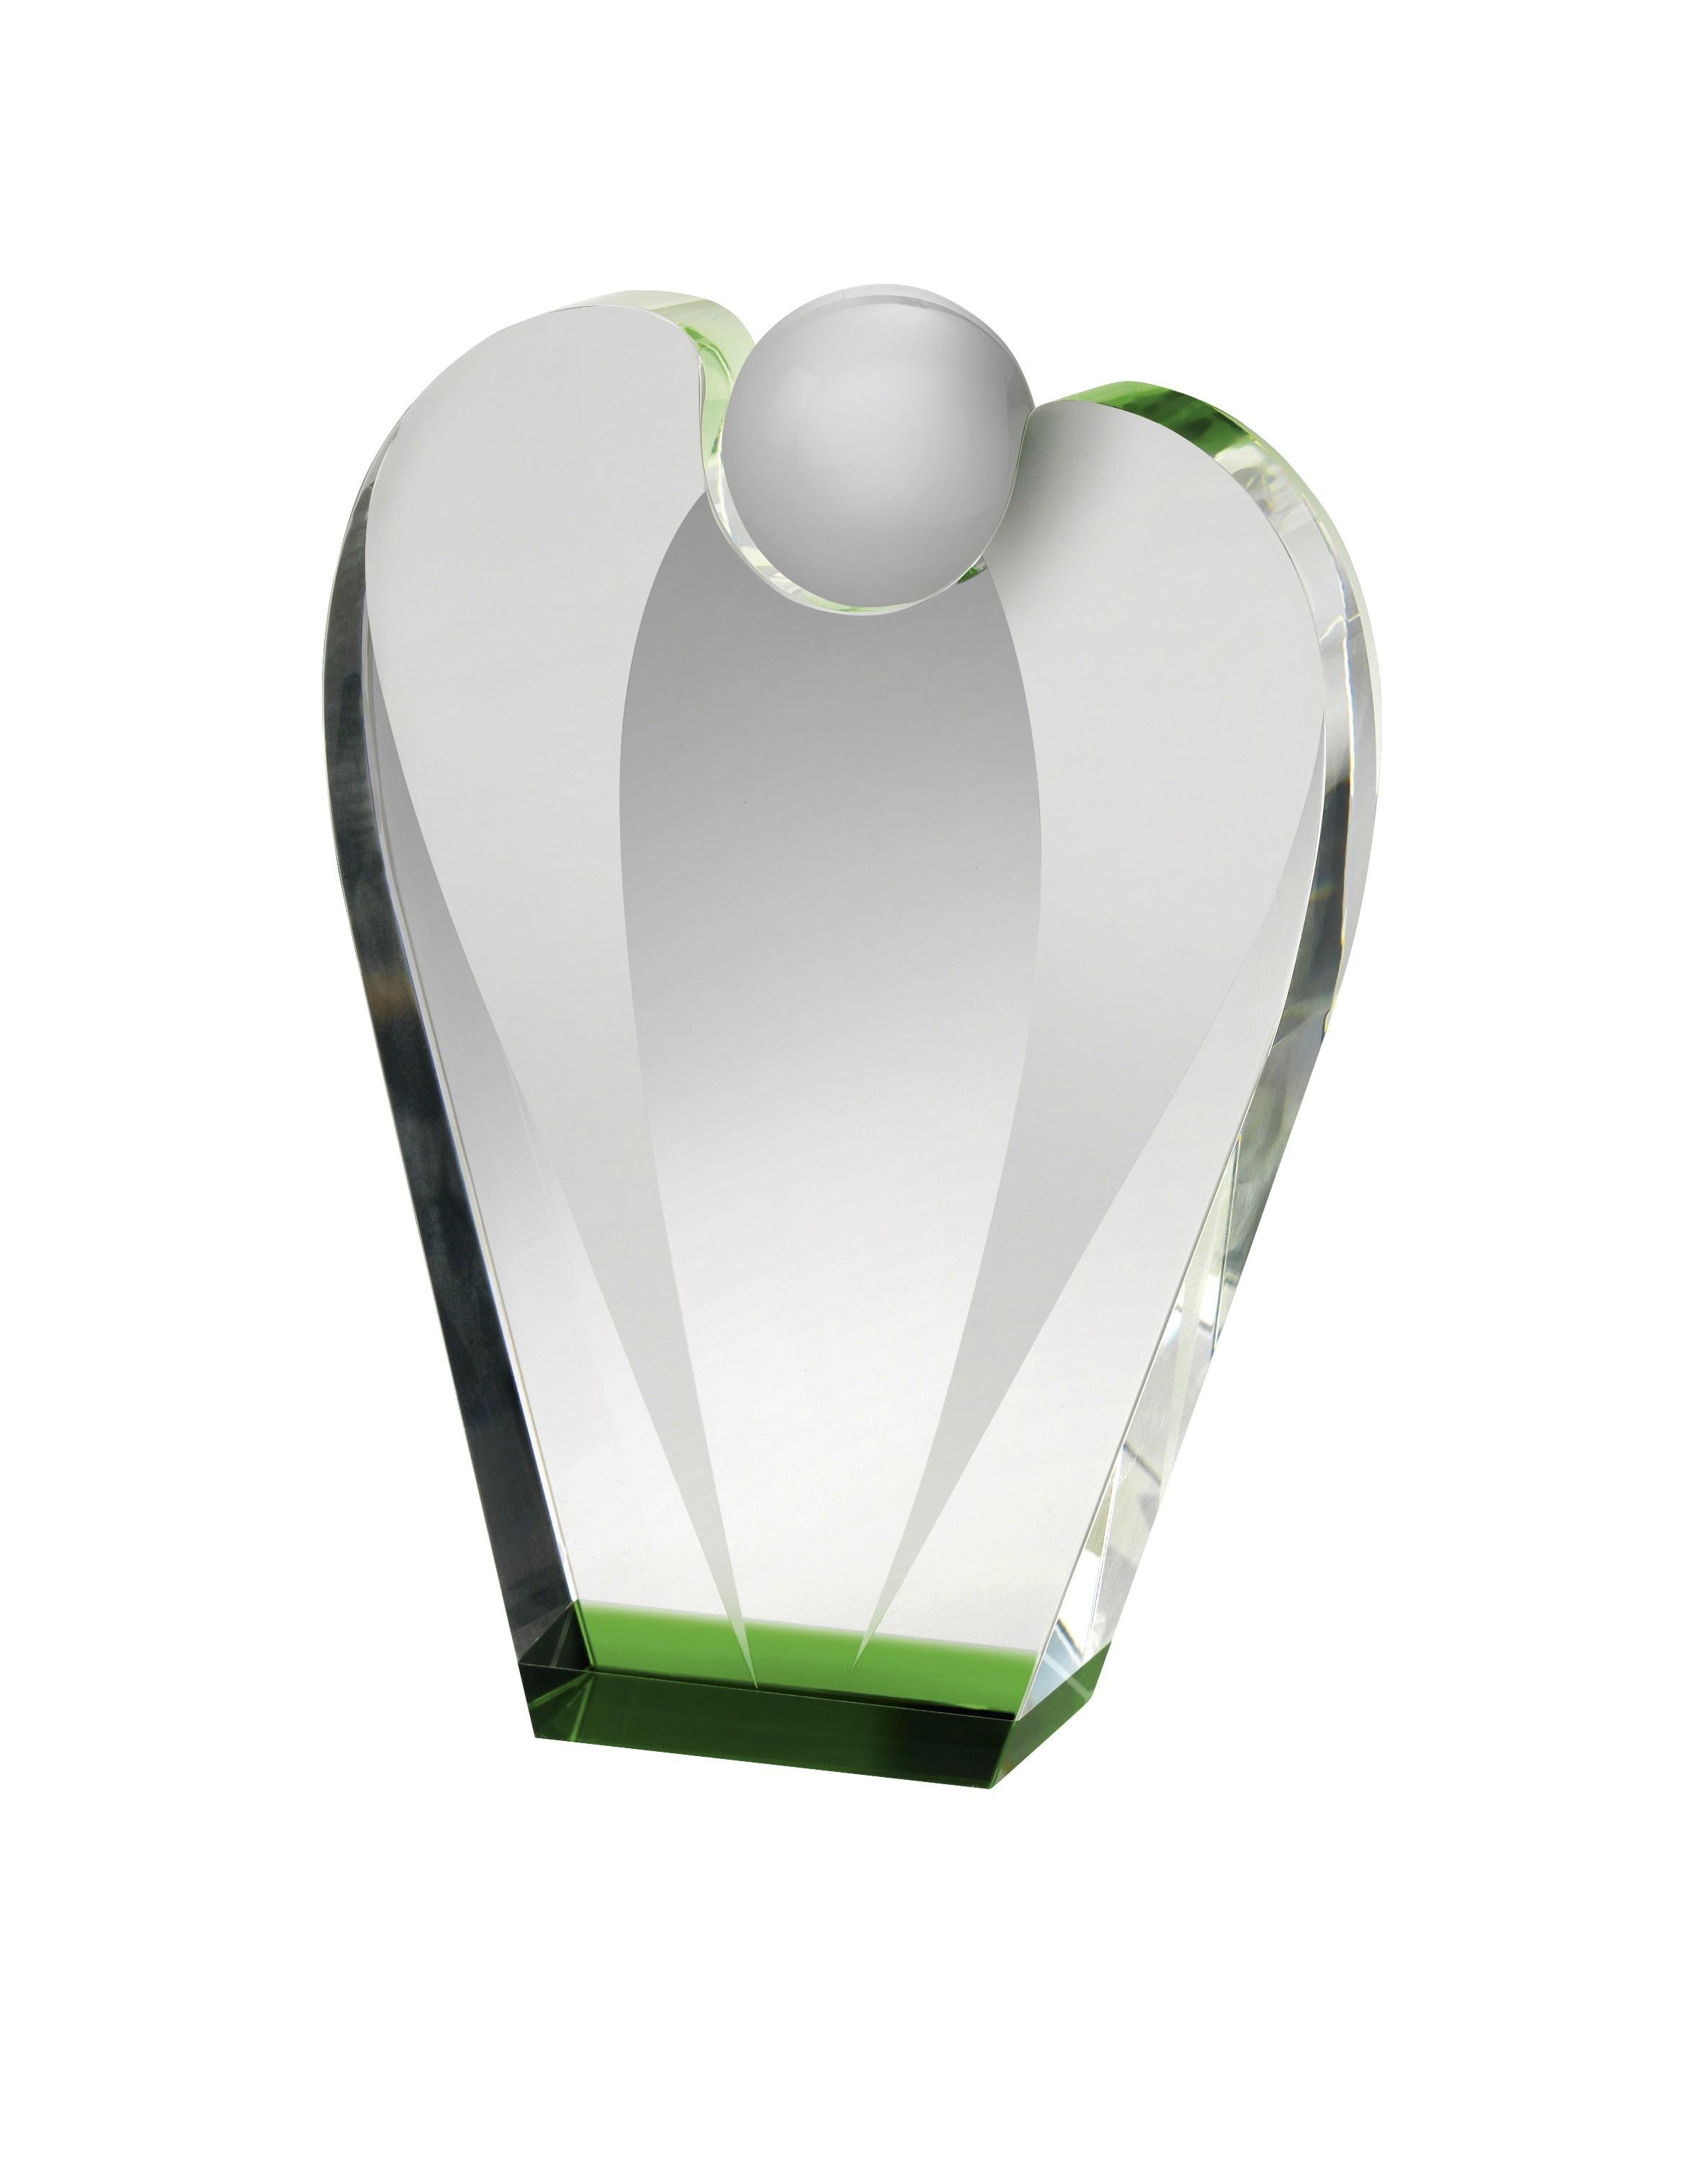 LG 21cm Crystal Award Boxed